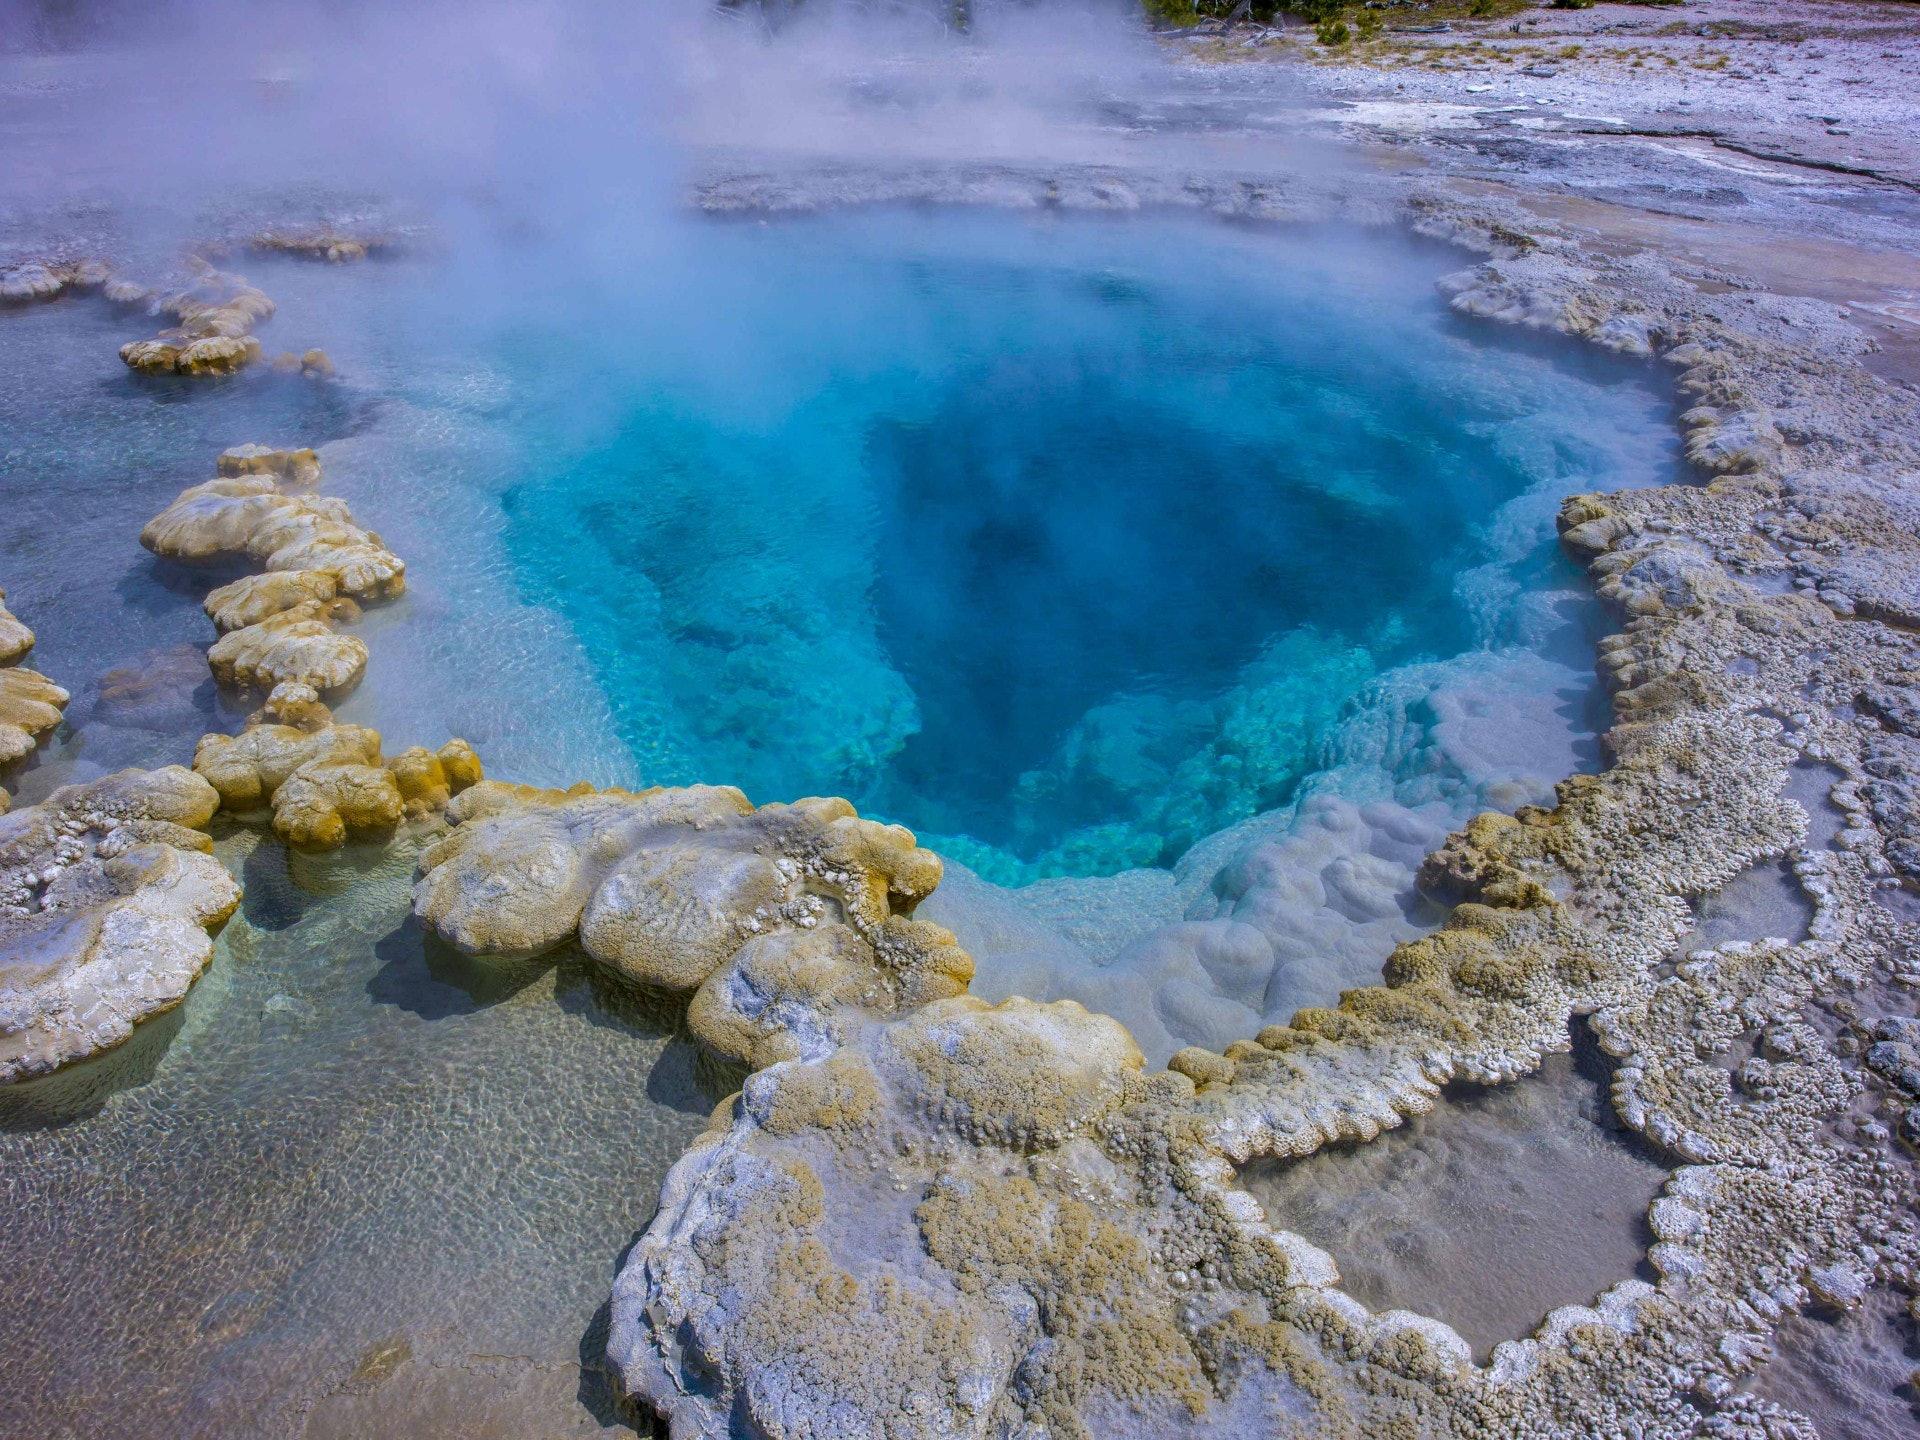 黃石火山是目前全球唯一活躍的超級火山。(路透社)